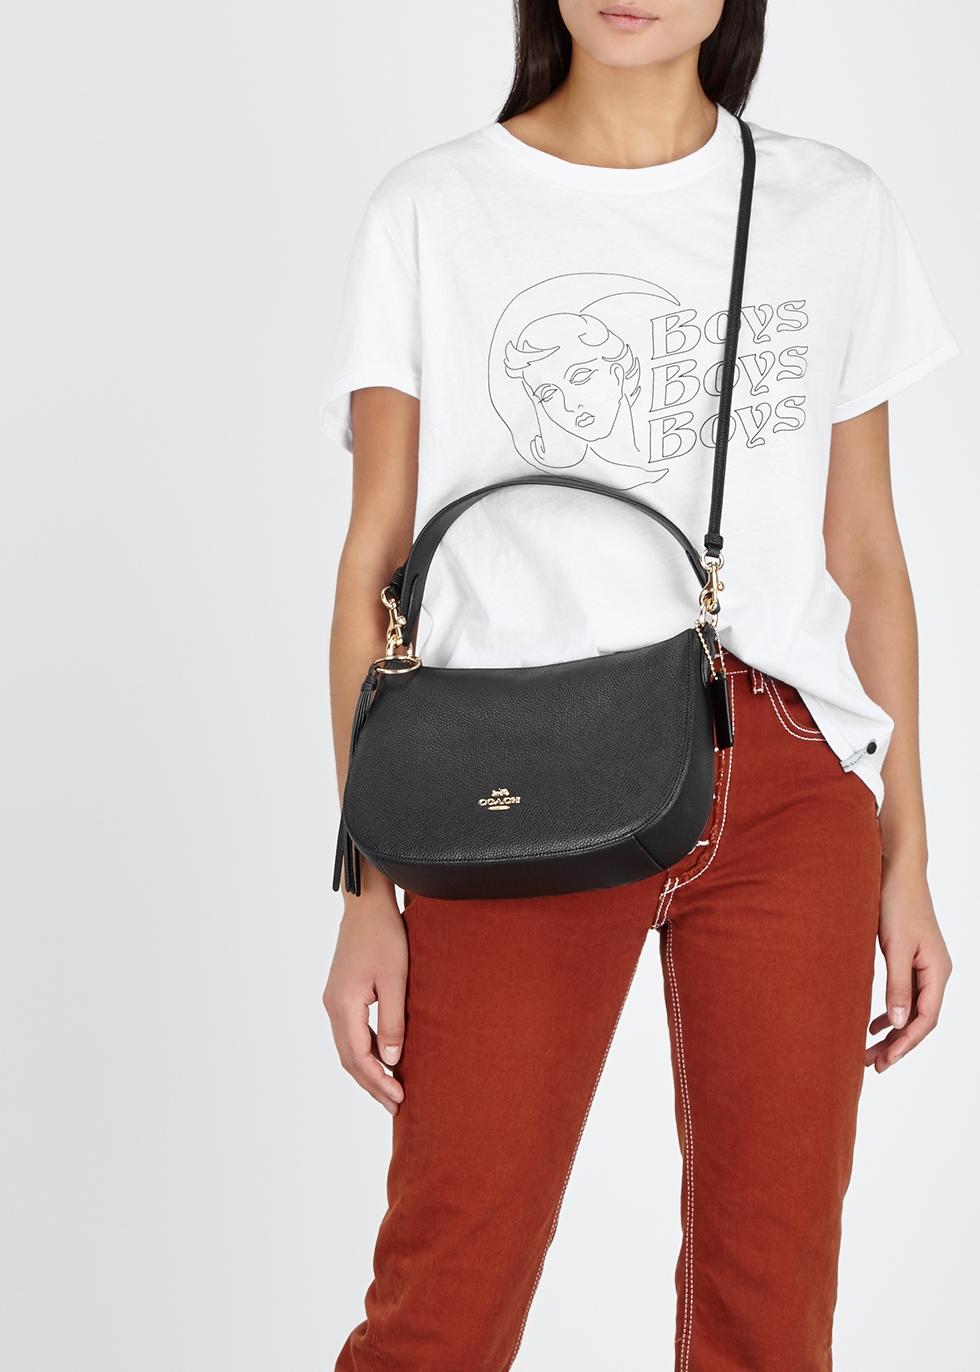 9b915246c83 Coach Sutton black leather top handle bag - Harvey Nichols